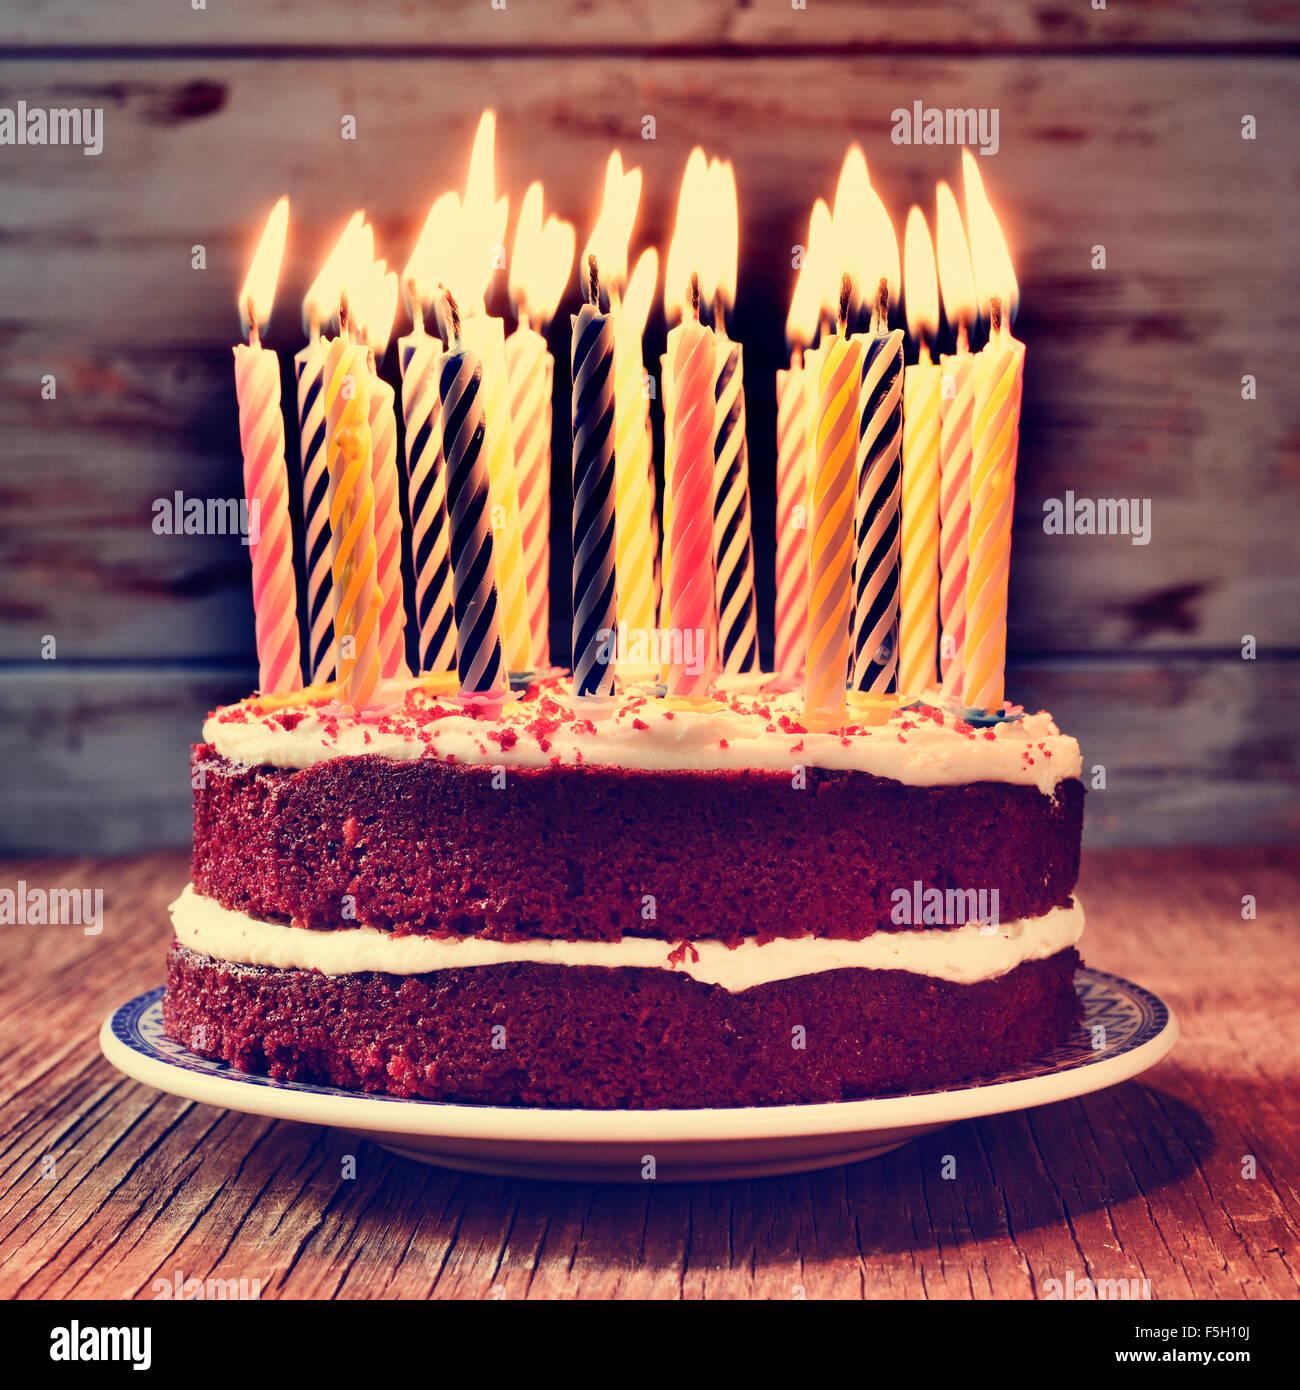 Un gâteau garni de quelques bougies allumées avant de souffler le gâteau, sur une table en bois rustique, Photo Stock